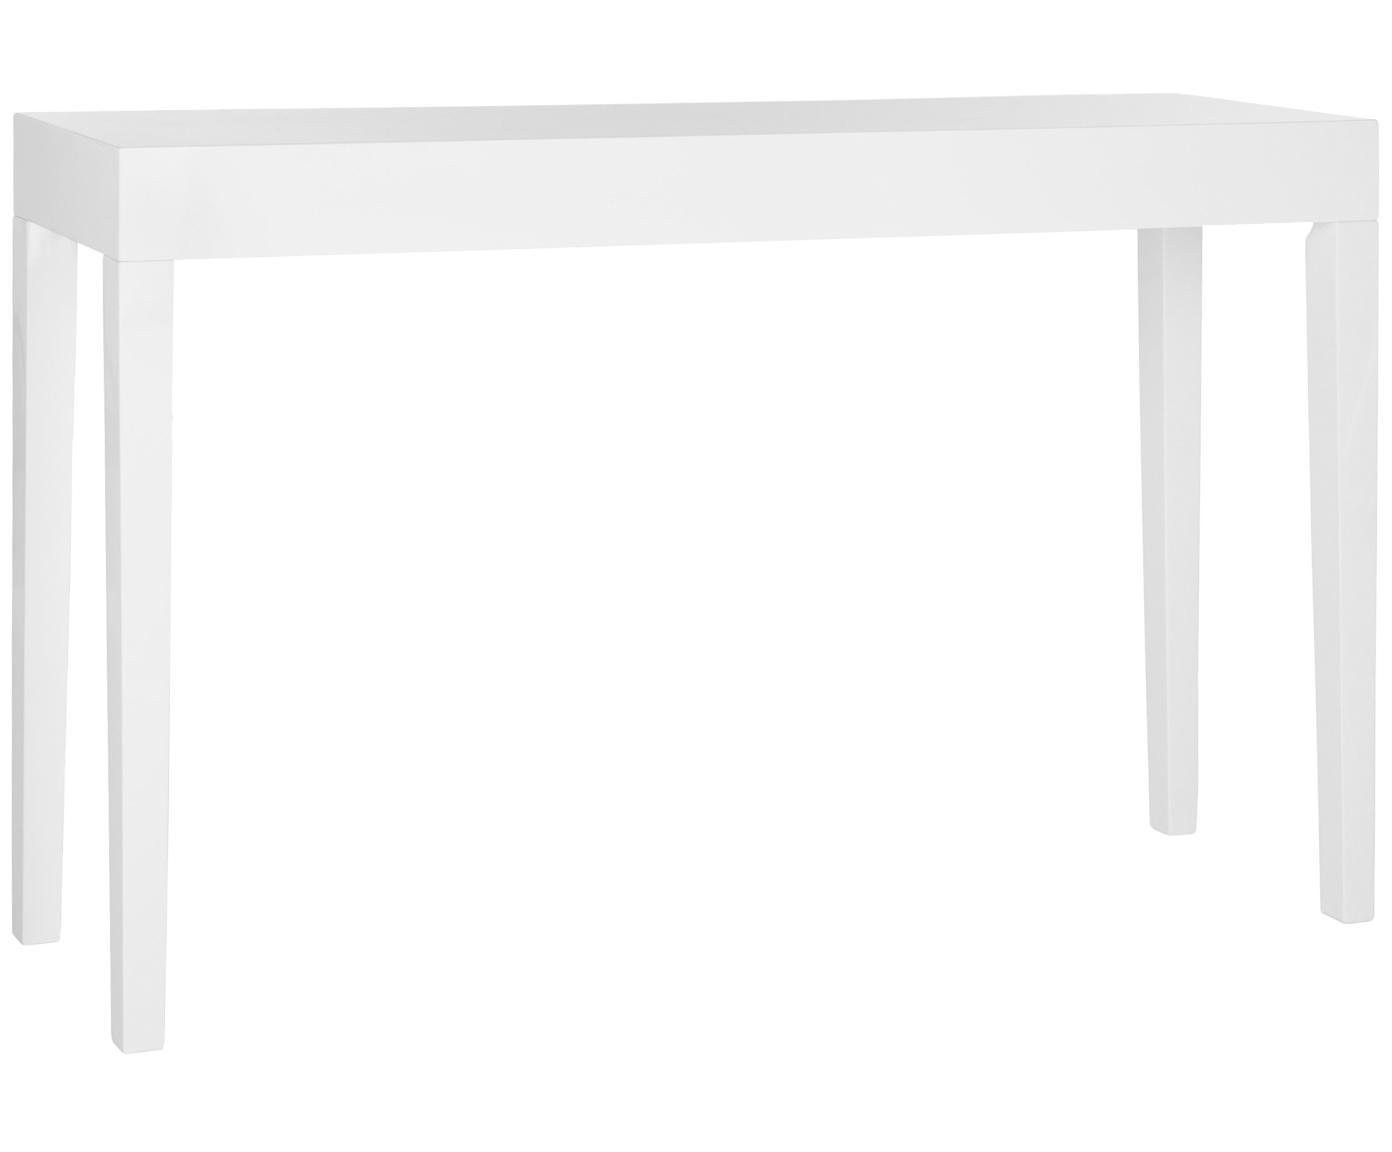 Consolle fatta a mano Kayson, Pannello di fibra a media densità (MDF), Bianco, Larg. 130 x Prof. 34 cm